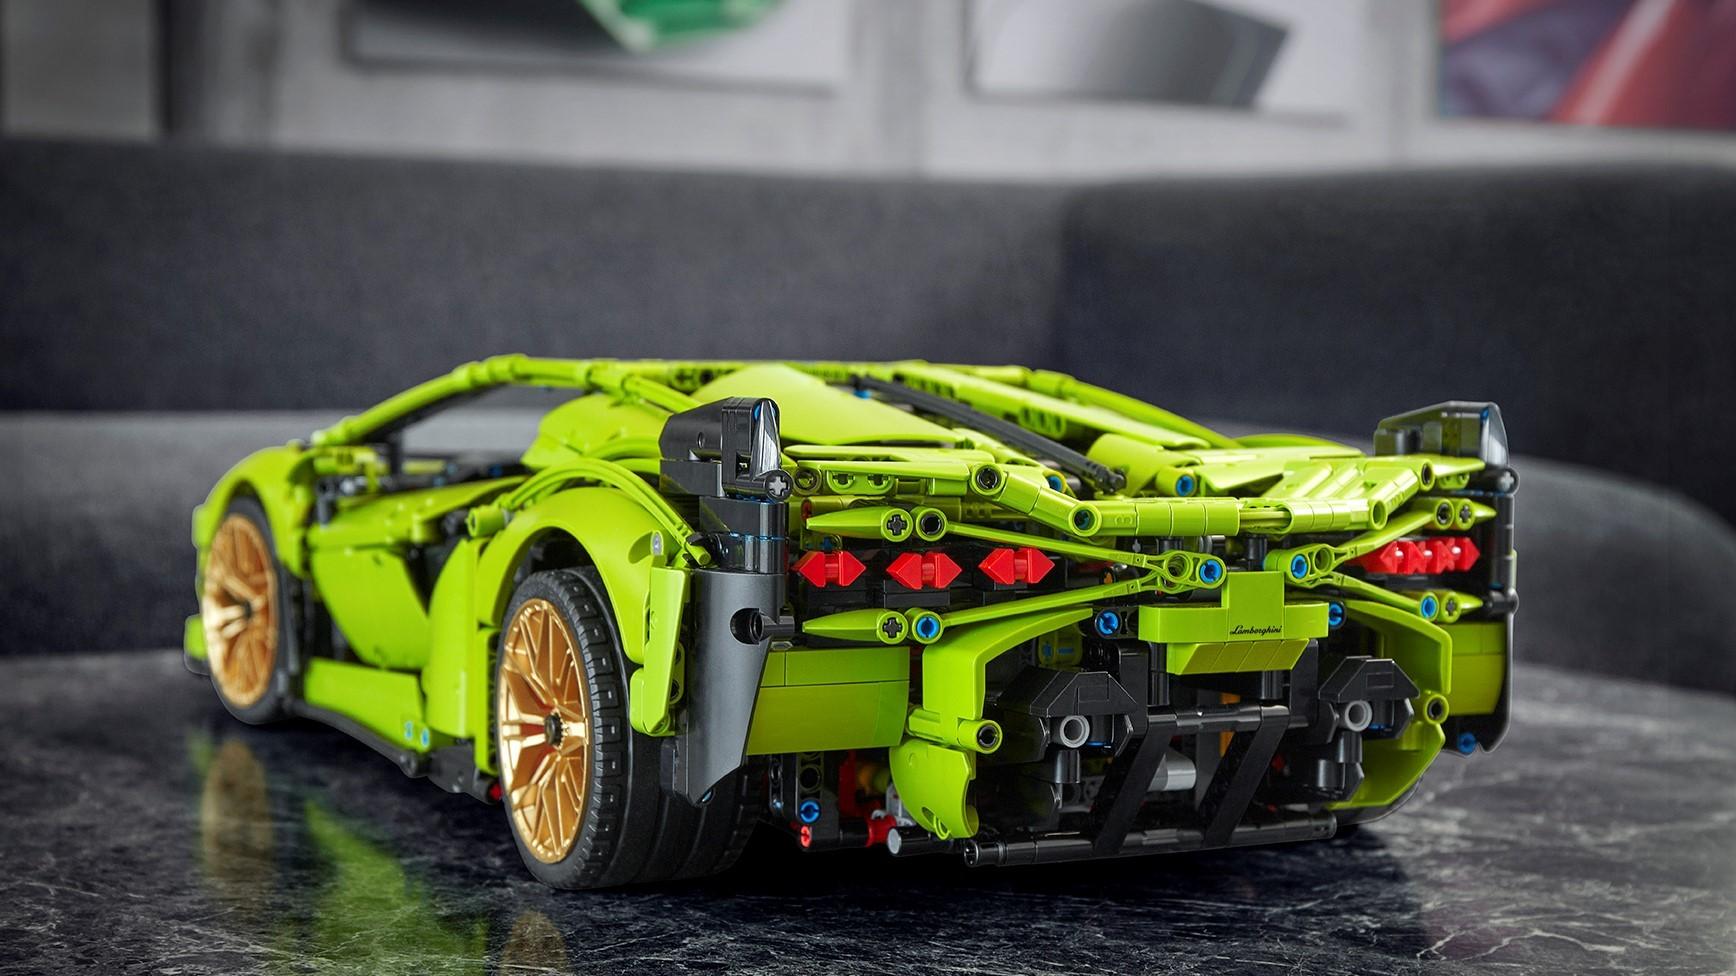 Automobili Lamborghini and the LEGO Group recreate the Lamborghini Sián FKP 37: the most powerful Lamborghini produced, in LEGO® Technic™ - Image 5